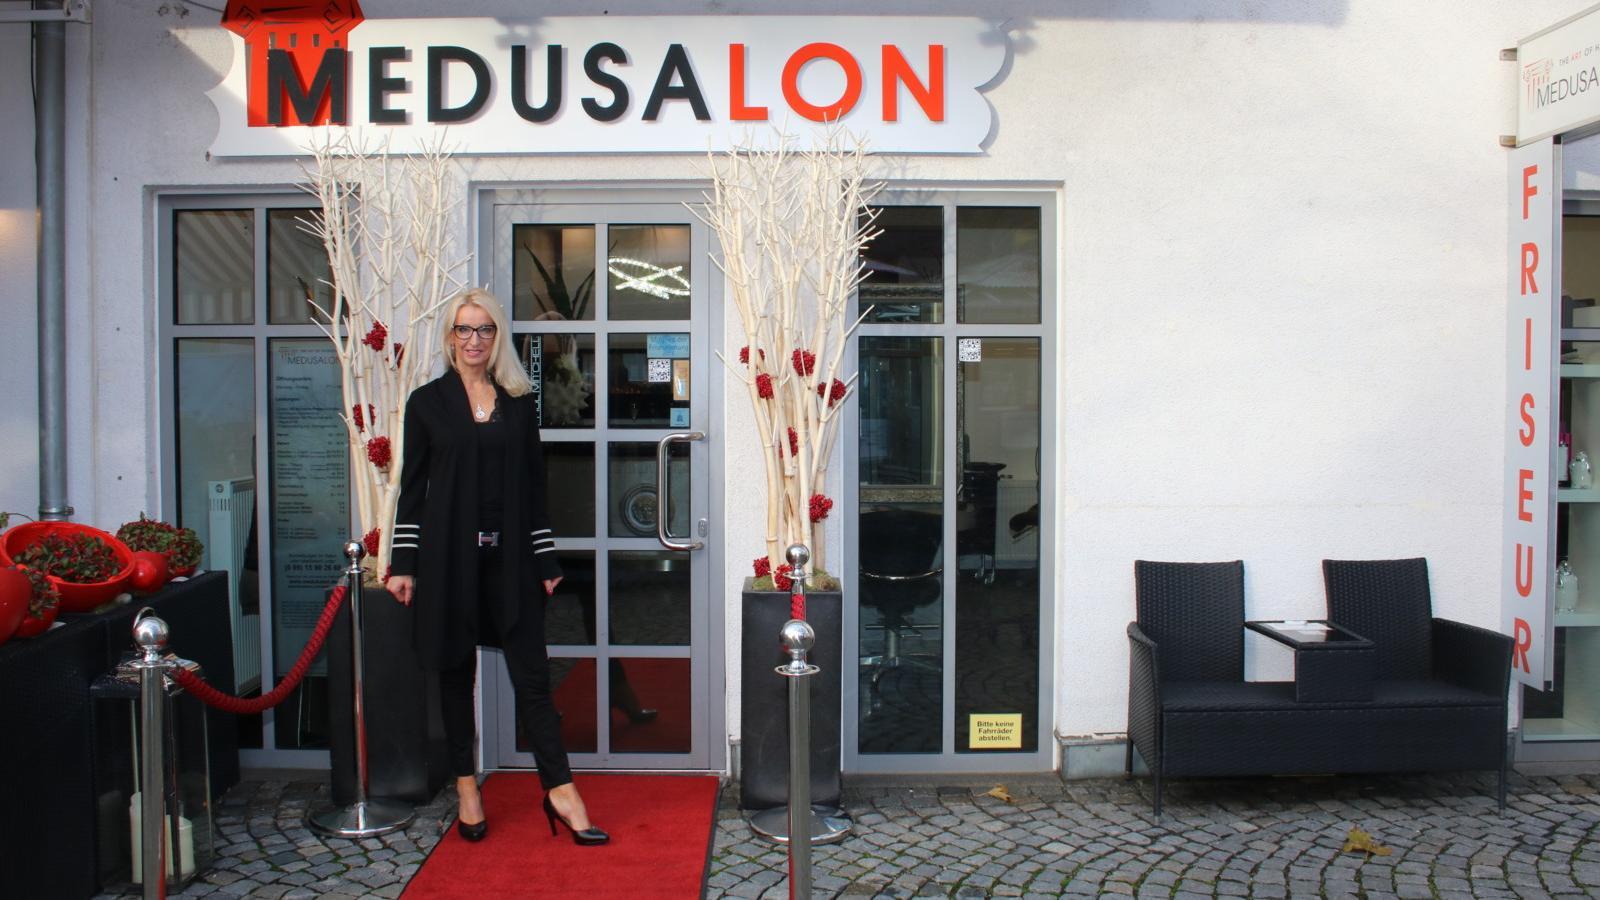 MEDUSALON - Sonja Schumann, Heiglhofstraße in München